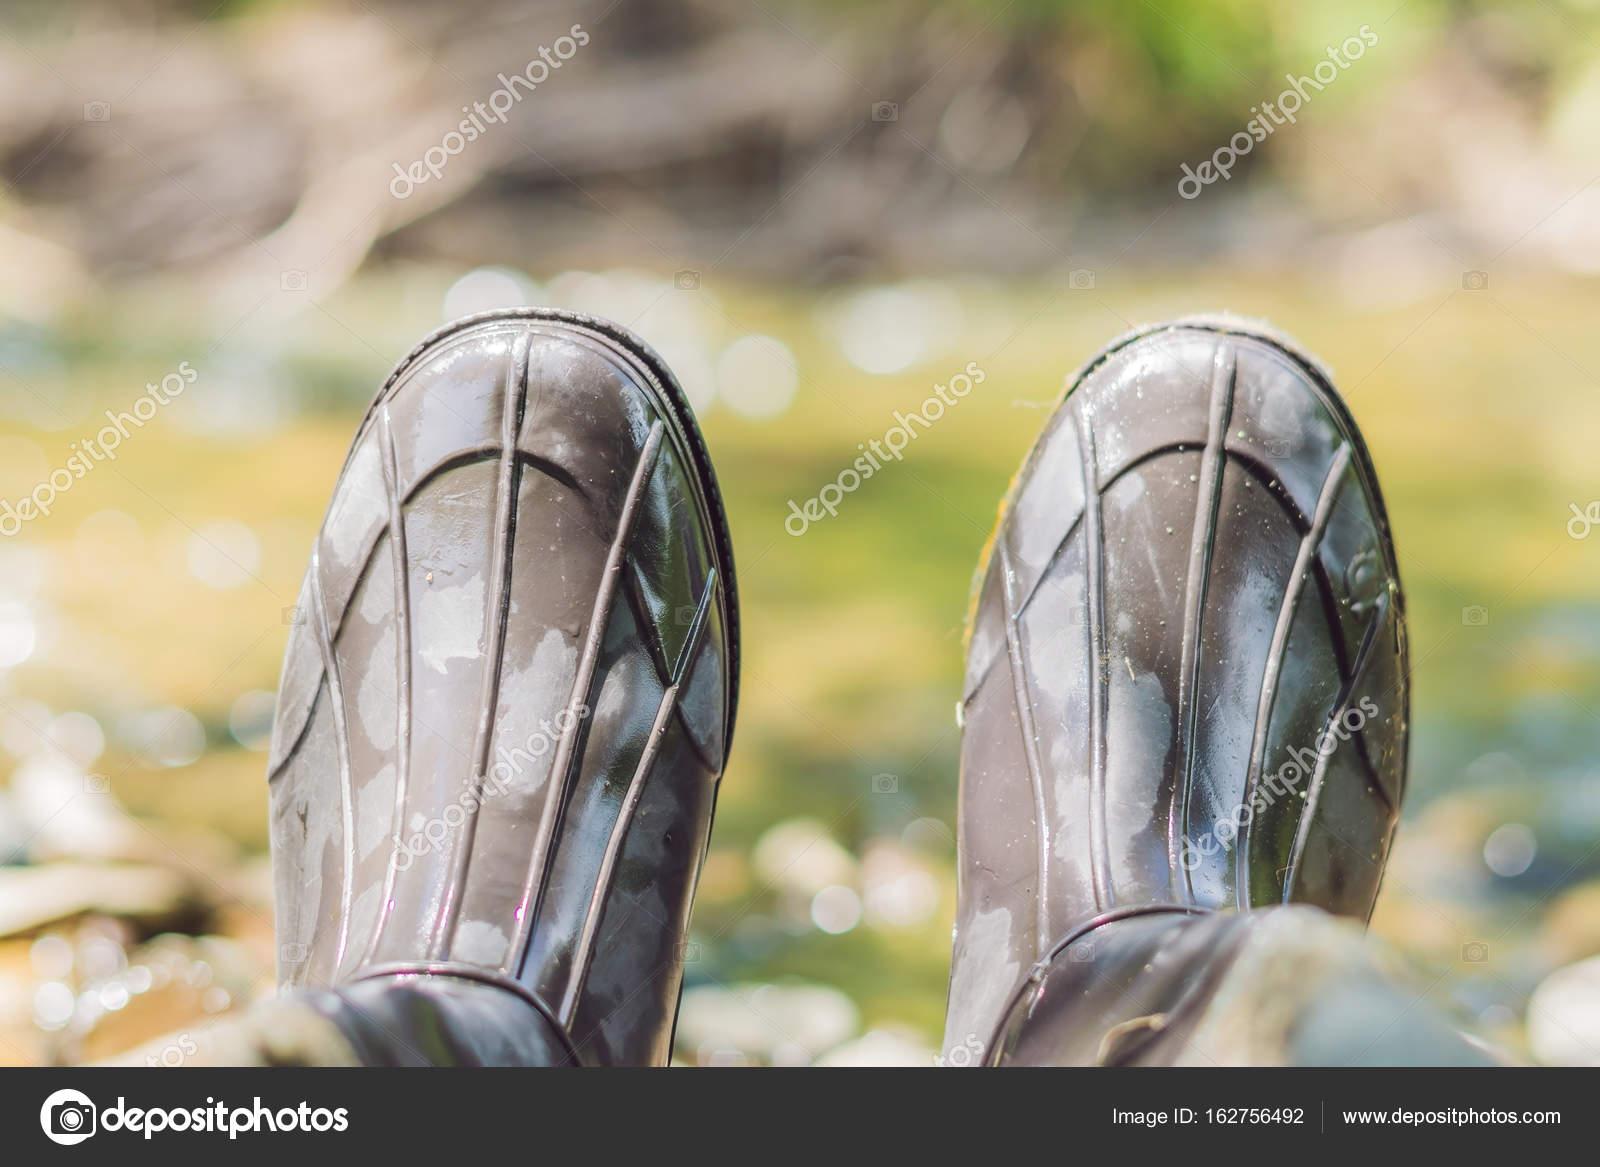 más fotos 87bf4 1ab40 Hombre Pies Botas Goma Botas Goma Del Pescador — Foto de ...